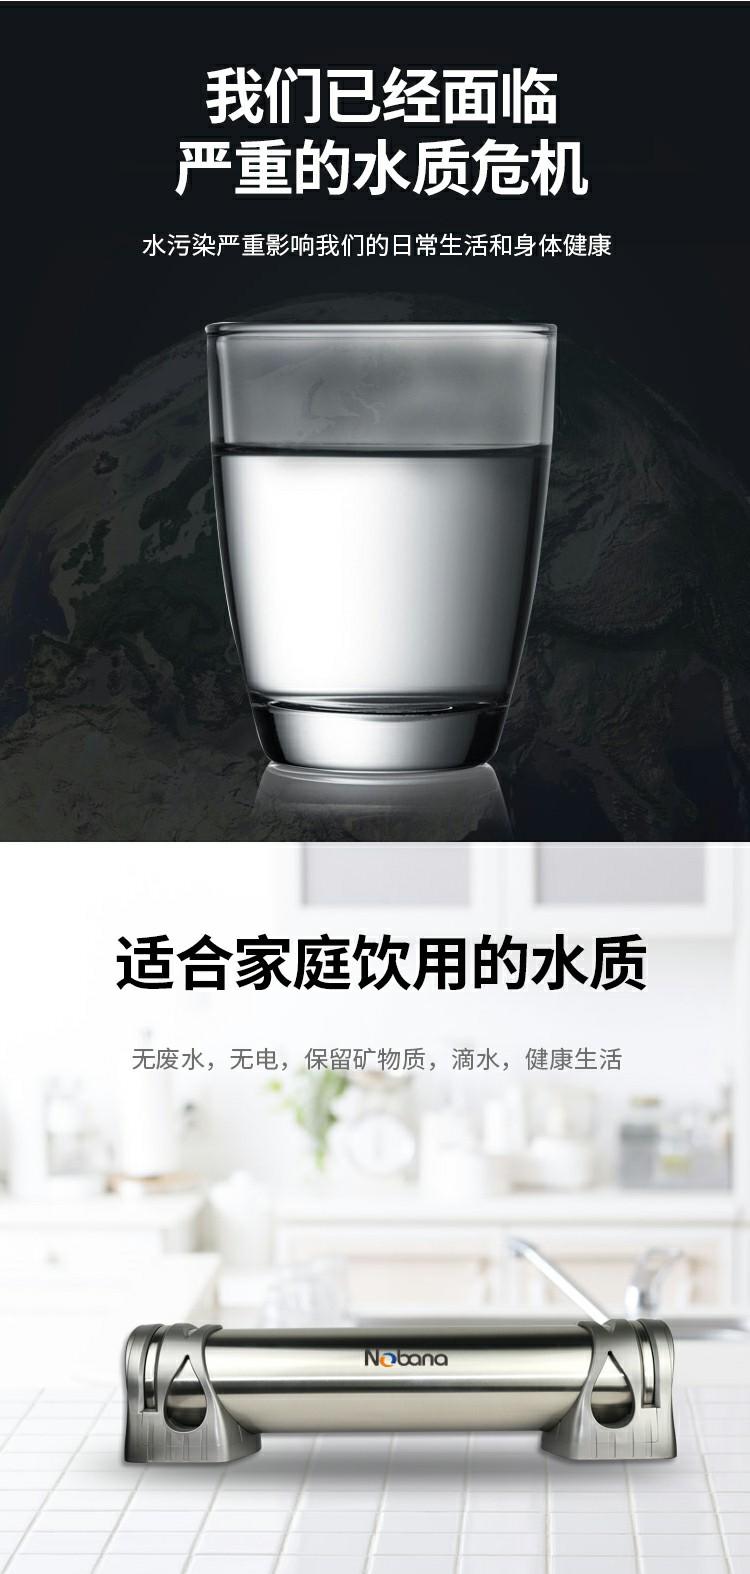 中央净水机